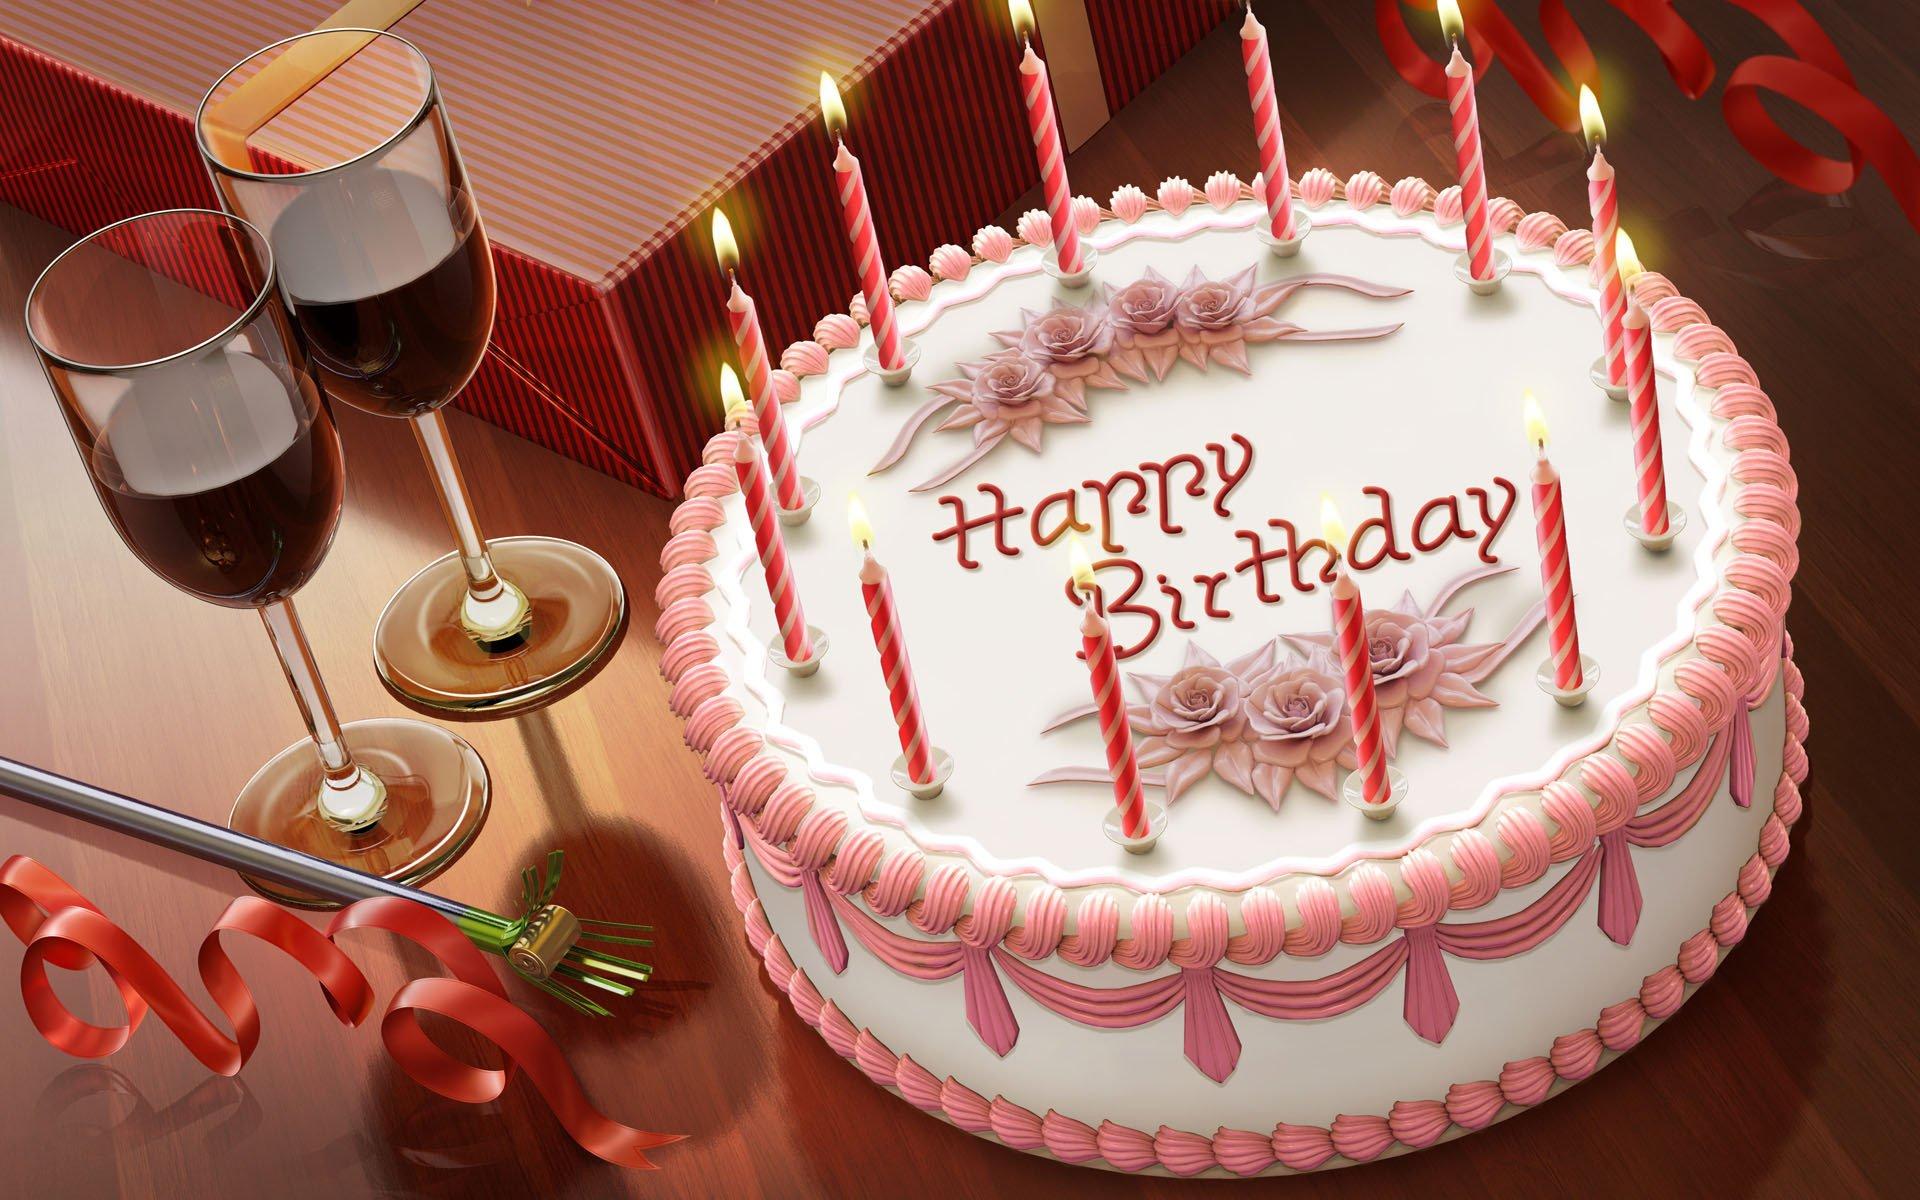 сути, это праздничные торты фото на день рождения заключается лишь